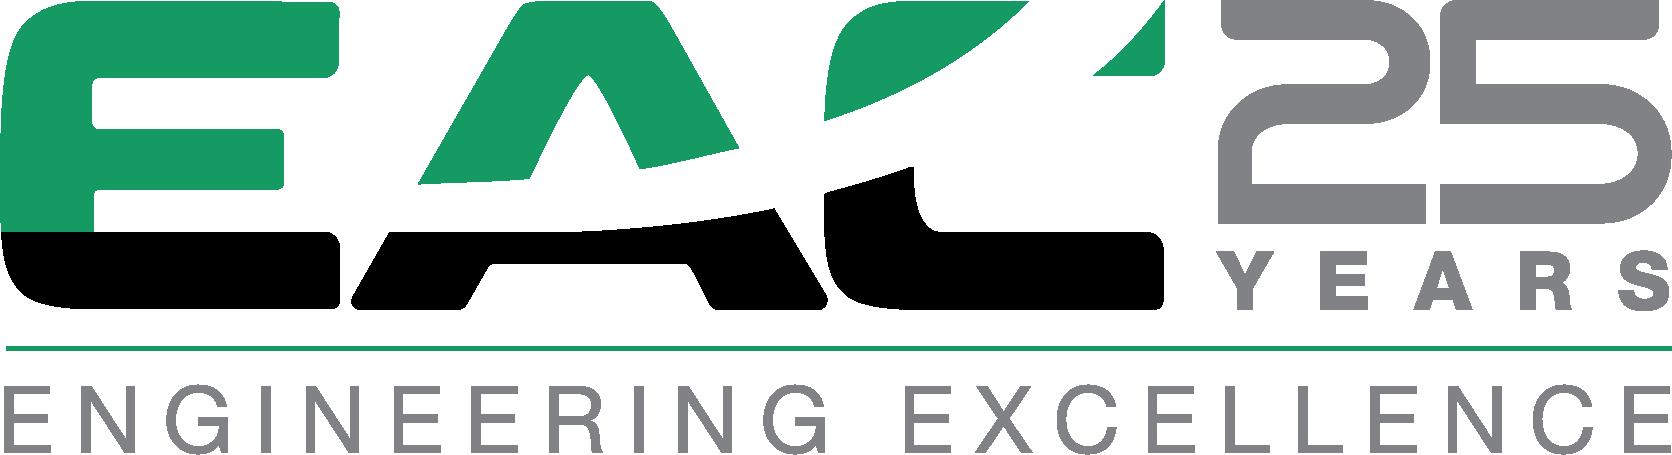 EAC 25 year logo